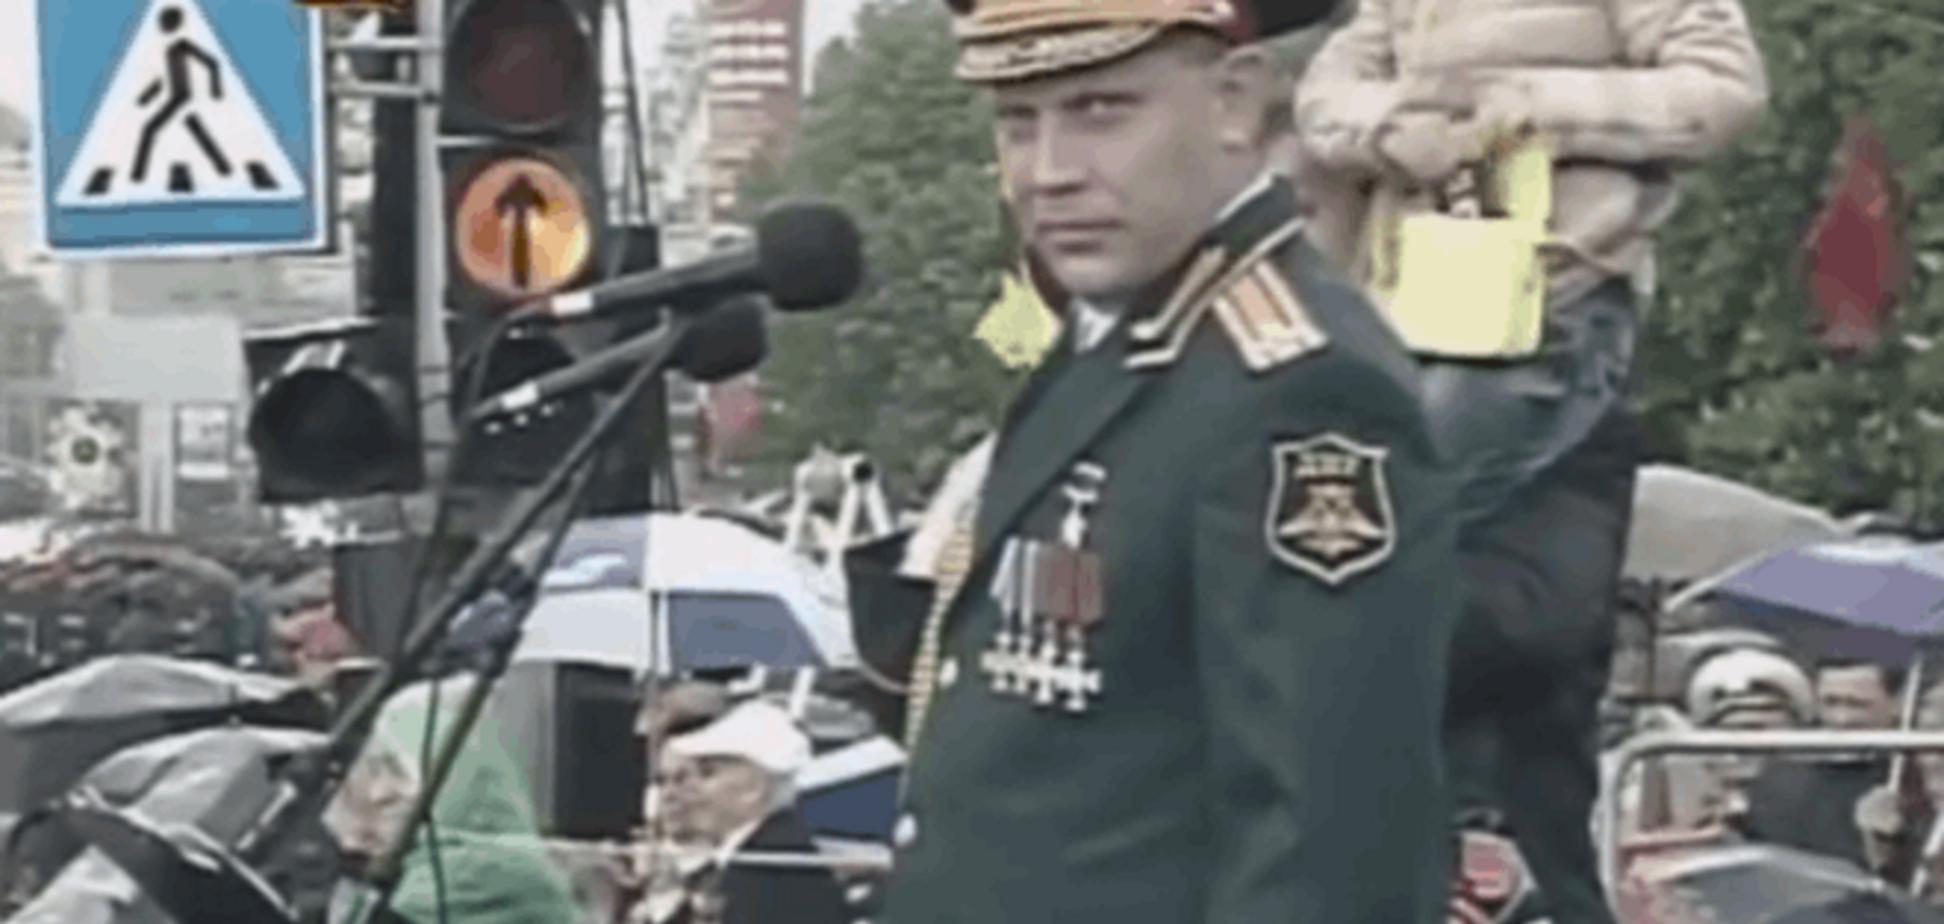 Пьяный Захарченко едва держался на ногах на 'параде' в Донецке: видеофакт